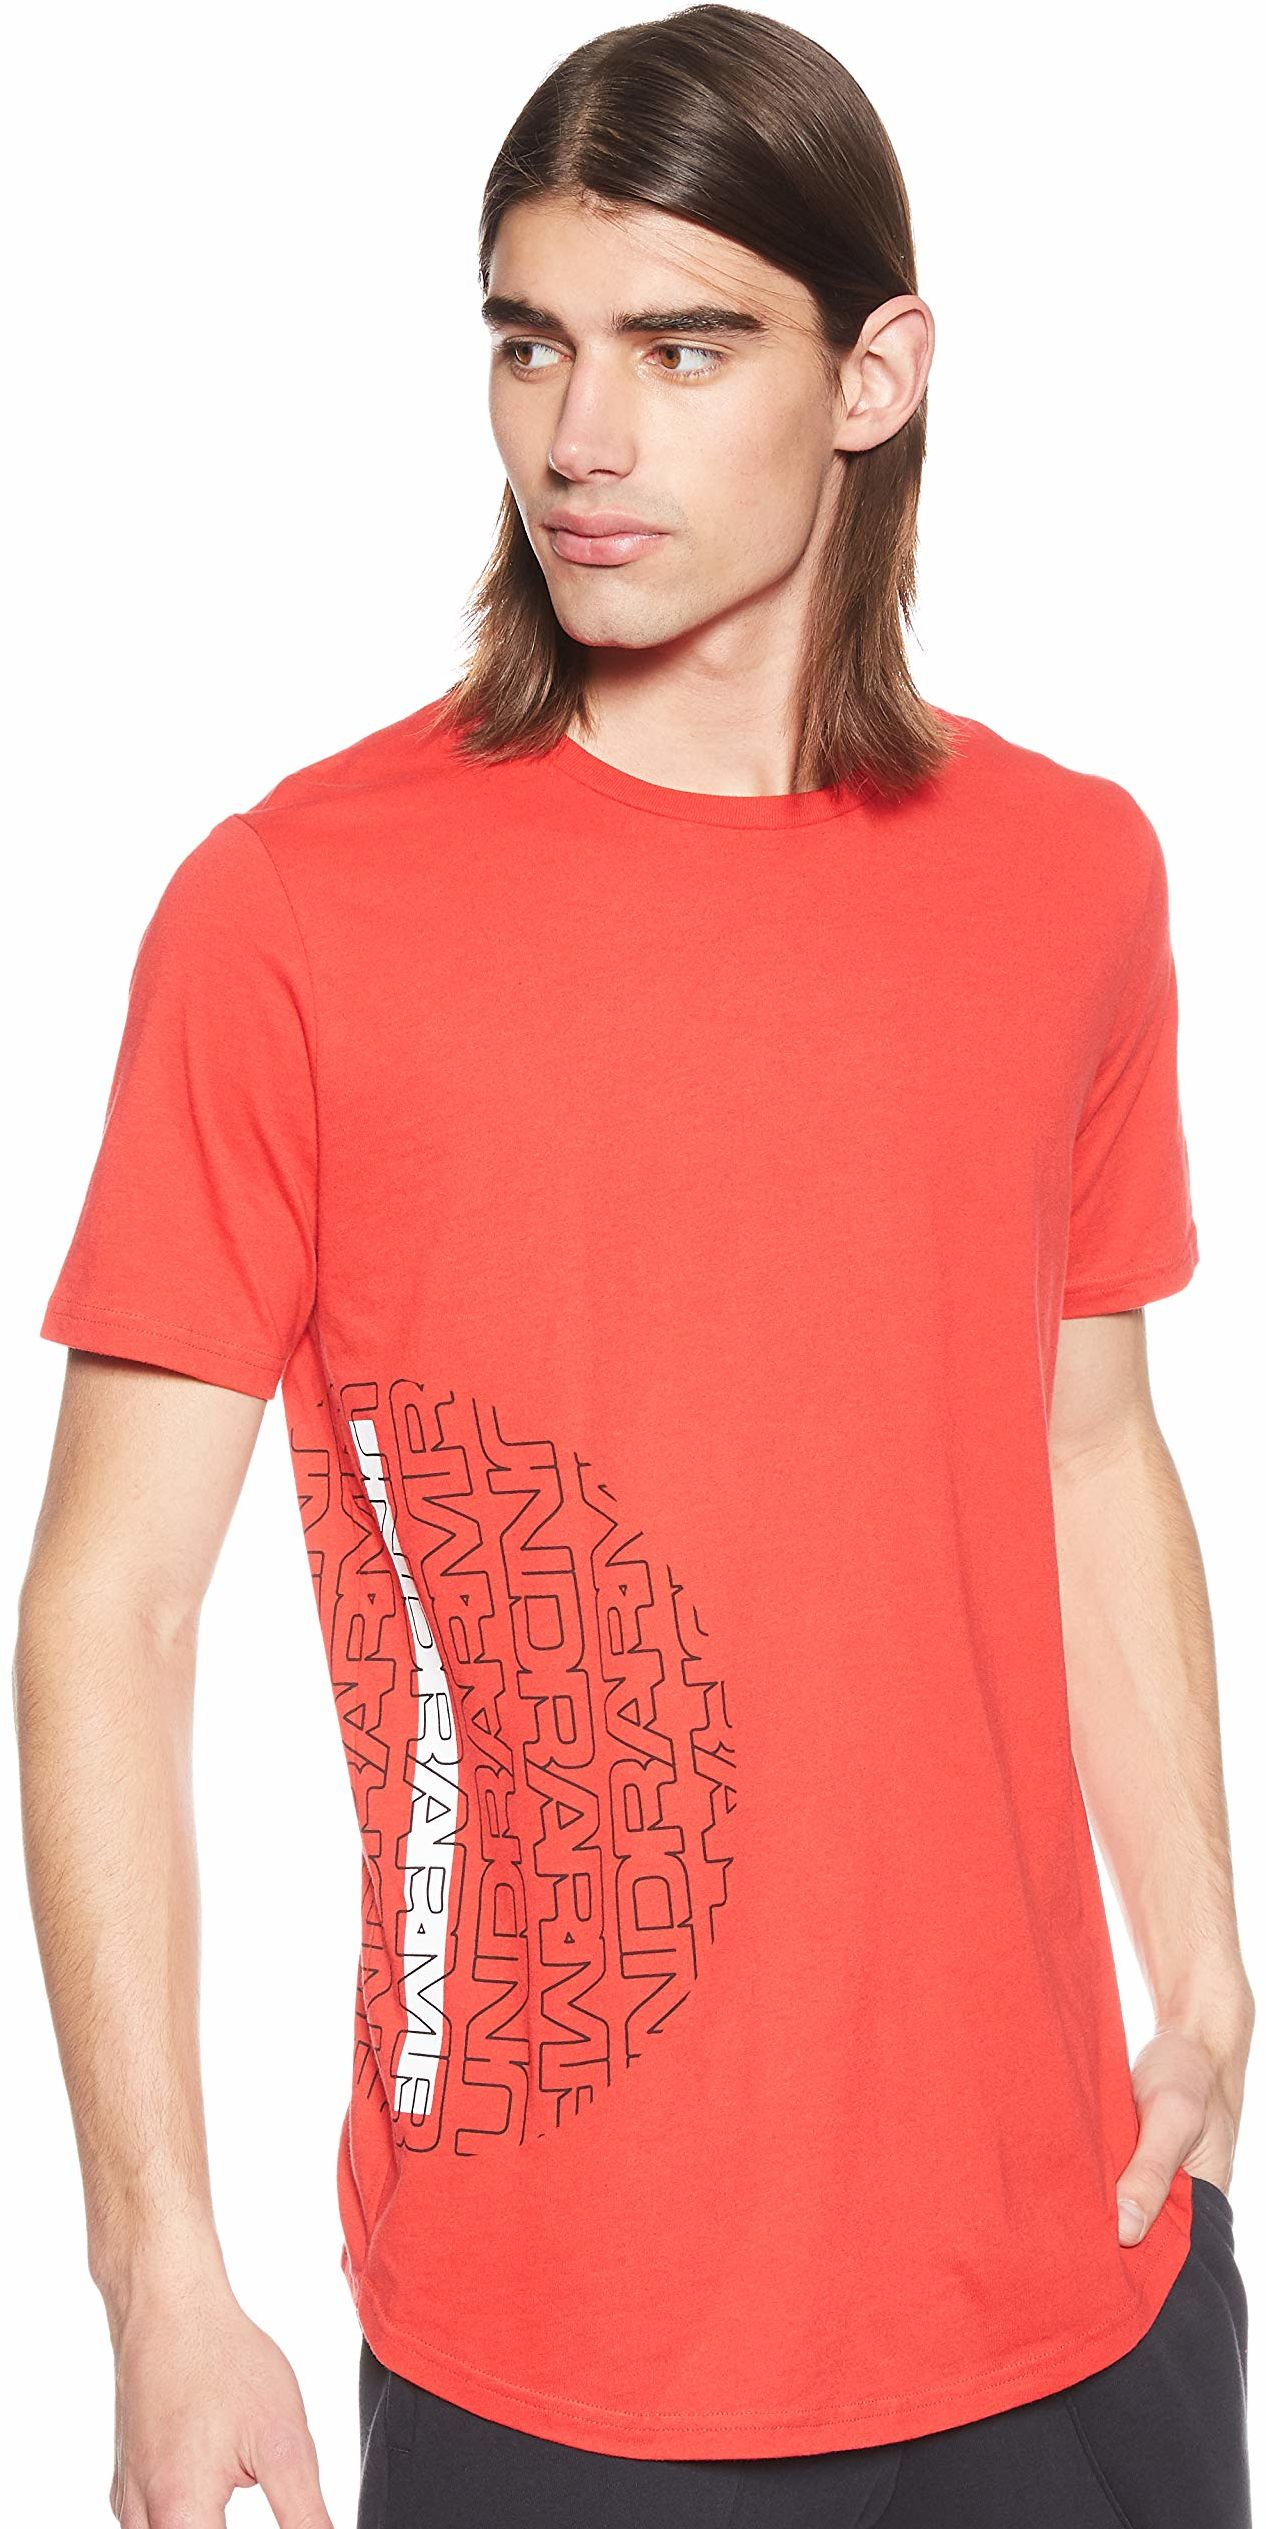 Under Armour Baseline męska koszulka z krótkim rękawem z krótkim rękawem Red/Black/White (600) L